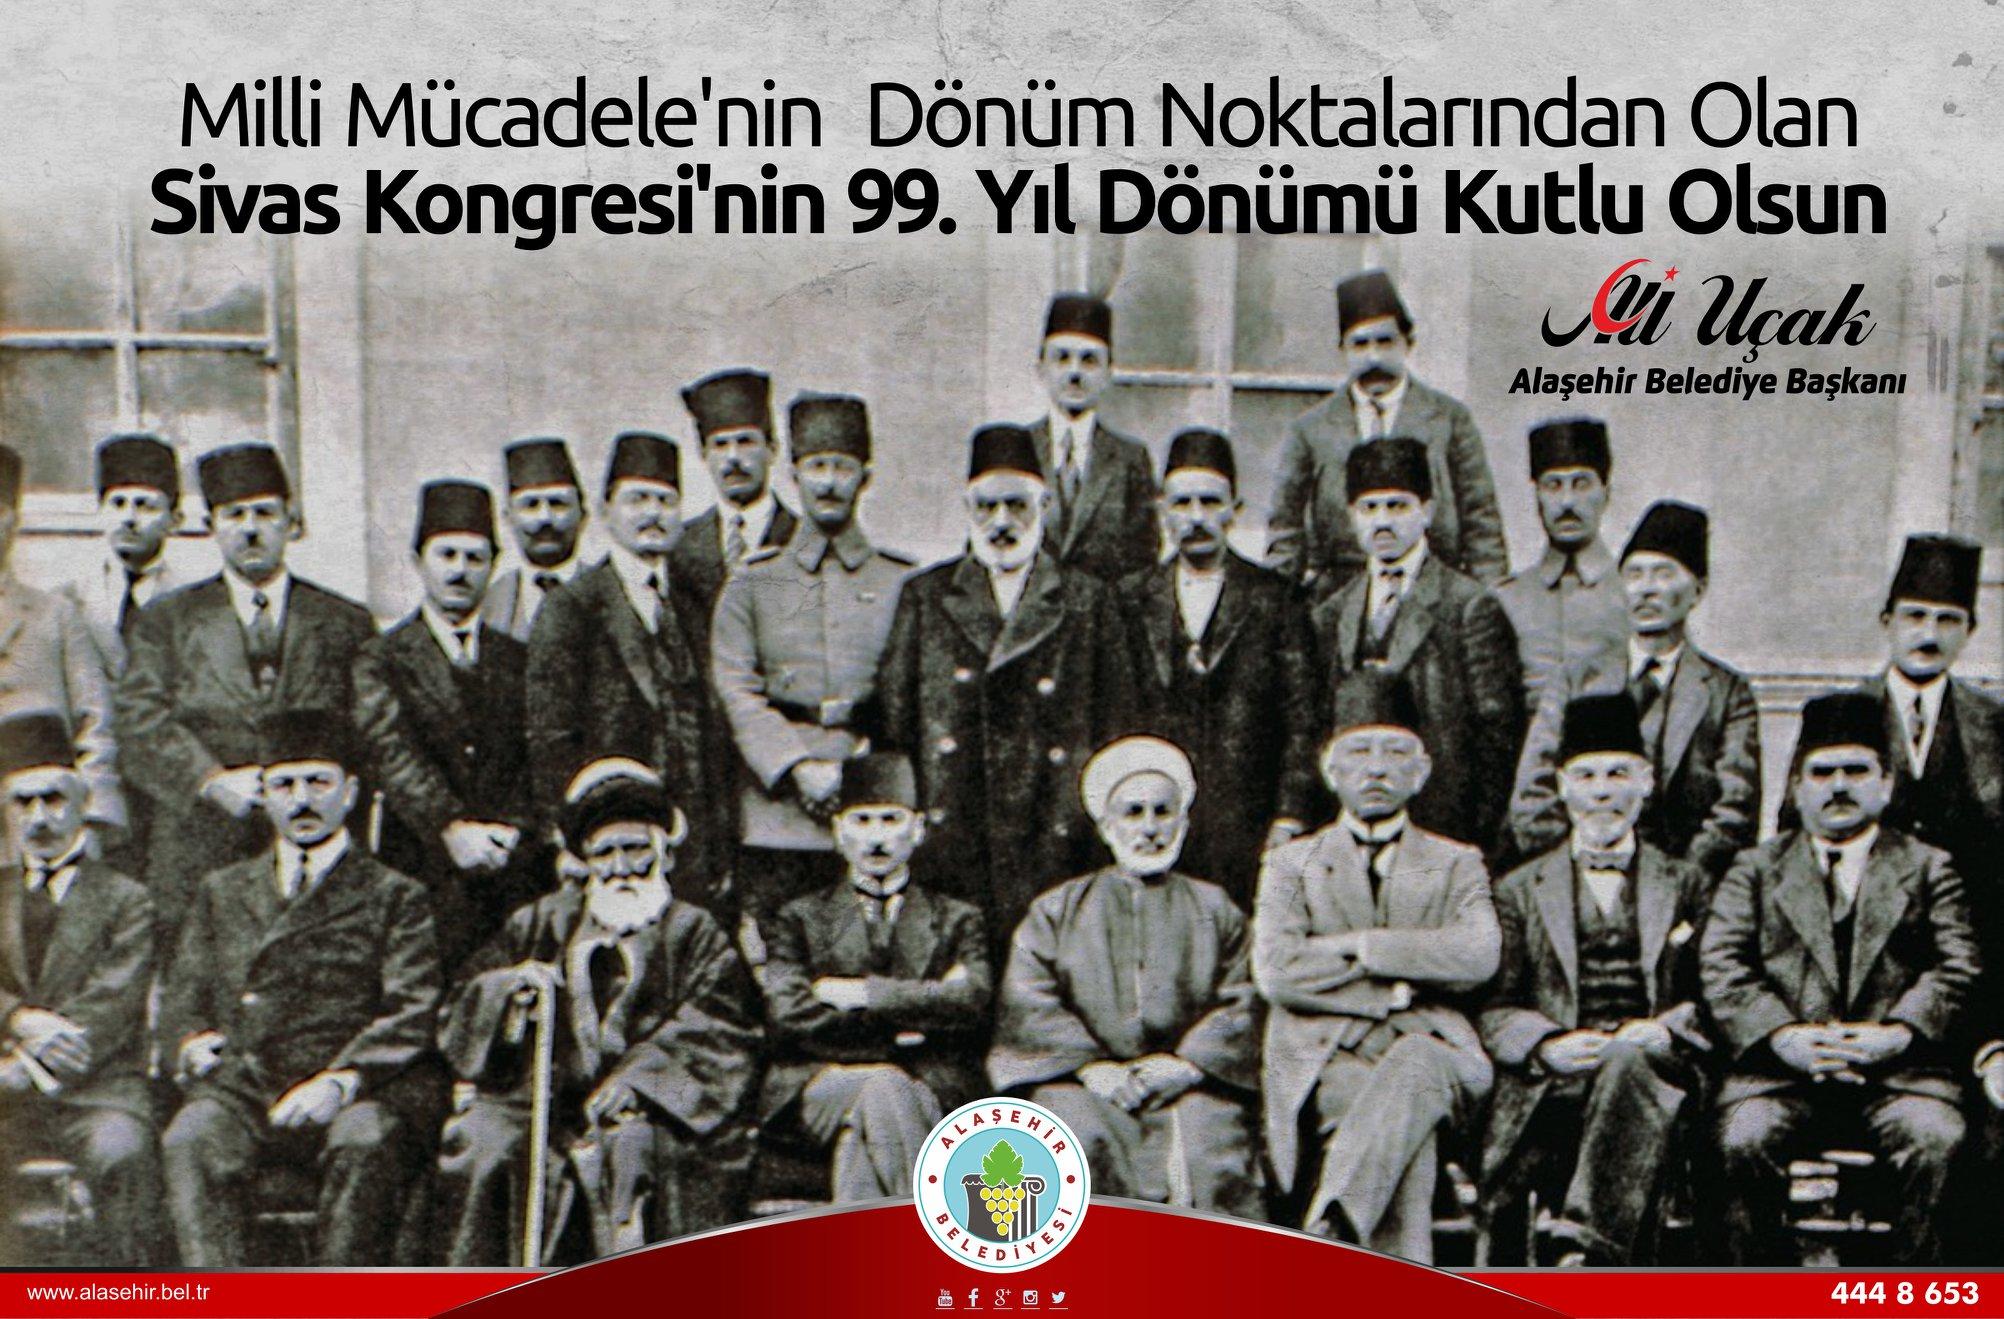 Milli Mücadele'nin dönüm noktalarından olan Sivas Kongresinin 99. yıl dönümü kutlu olsun. Başta Gazi Mustafa Kemal Atatürk olmak üzere, tüm şehitlerimizi saygı ve şükranla anıyoruz